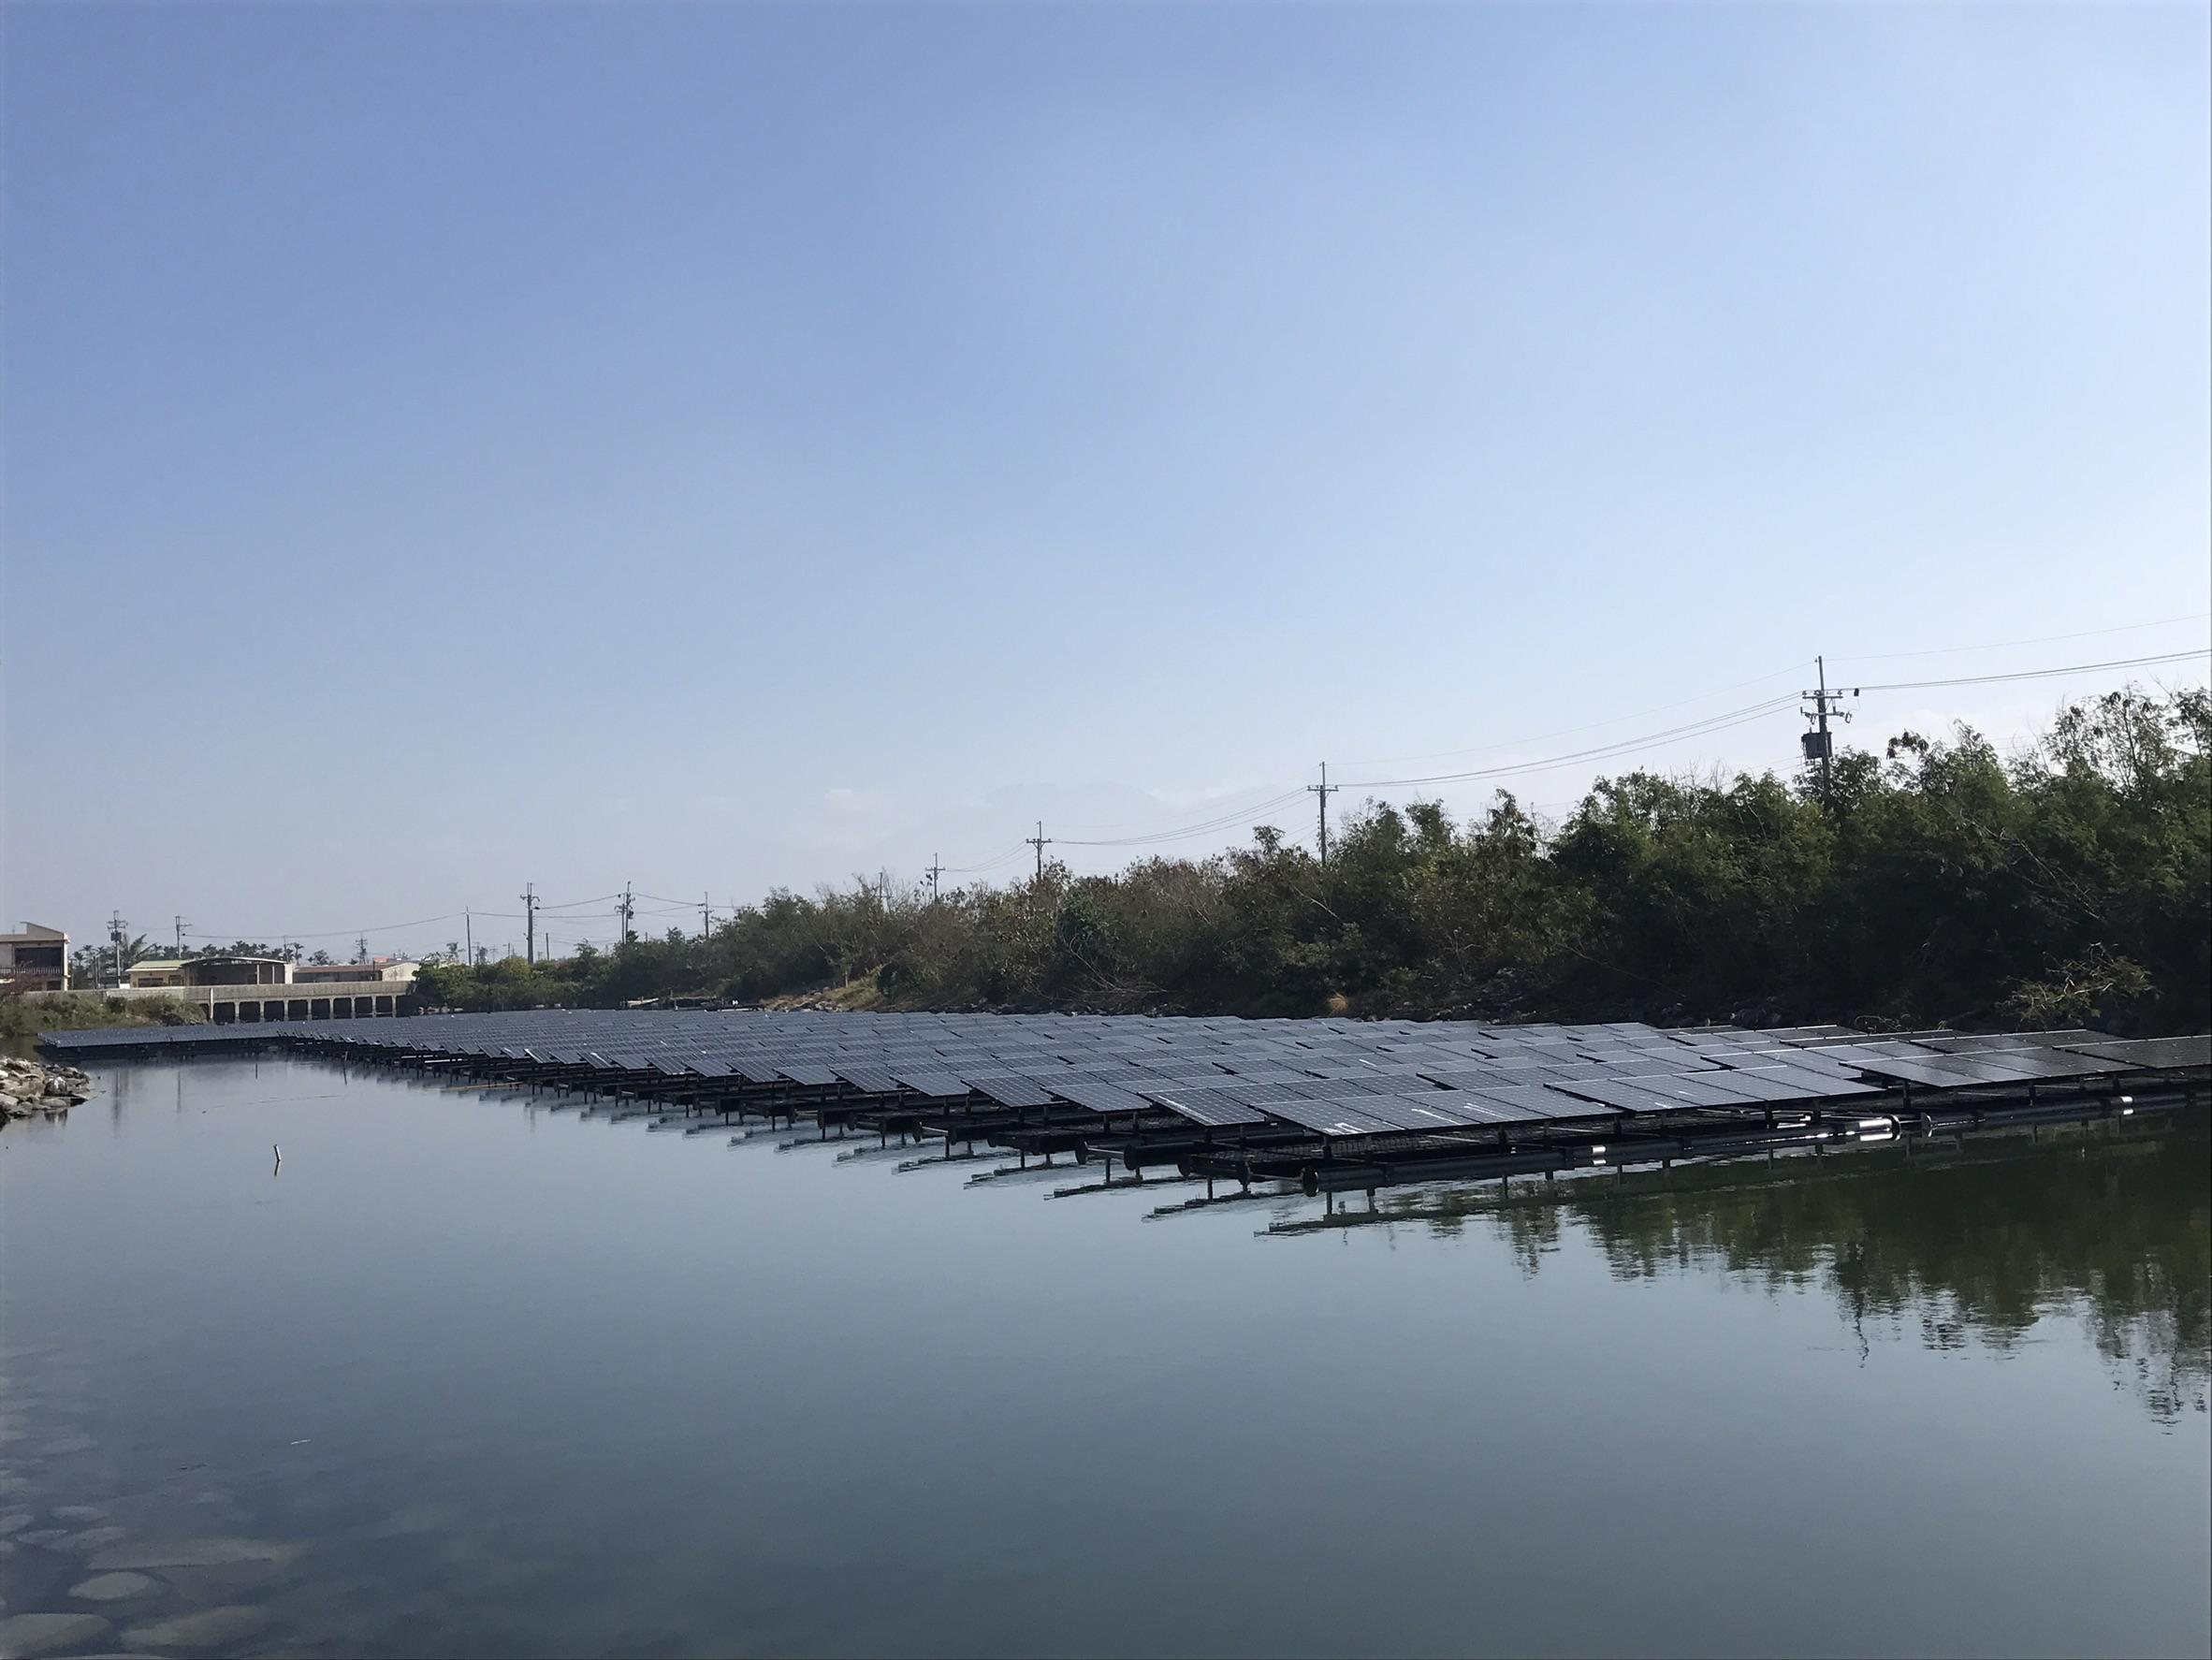 屏東縣政府提供烏龍排水滯洪池太陽光電_圖示